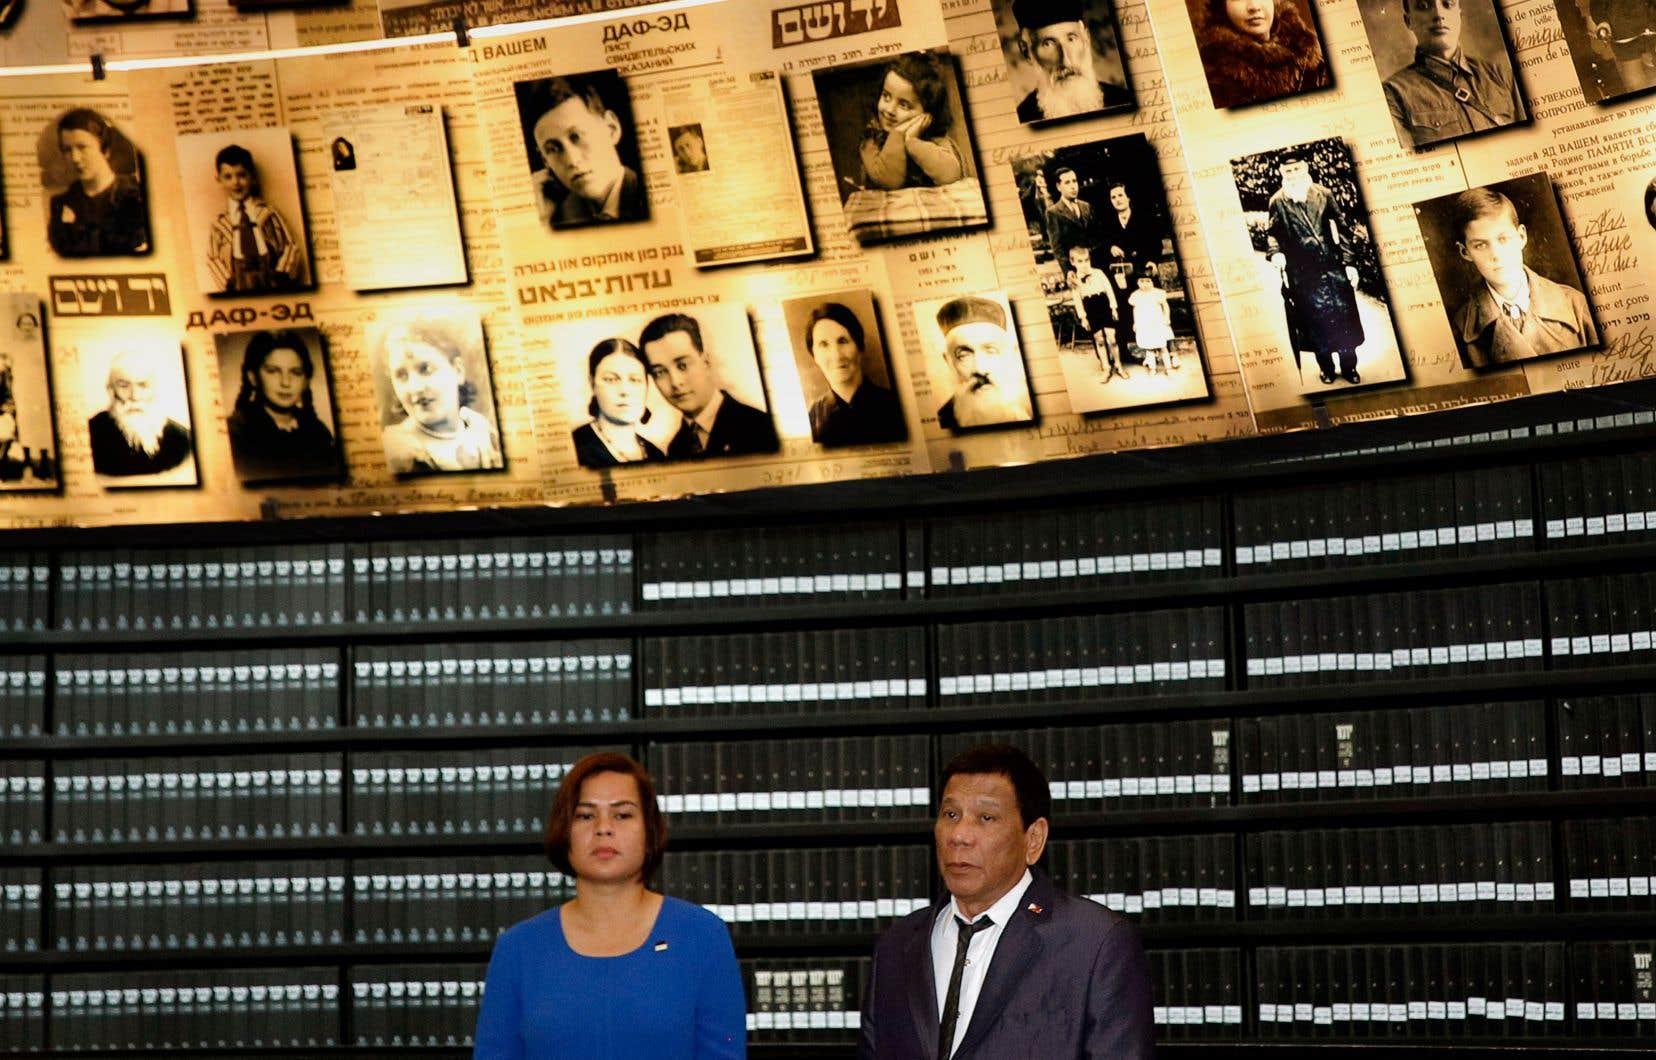 Le président philippin, Rodrigo Duterte, a visité lundi la salle des noms de Yad Vashem, haut lieu du souvenir dédié aux six millions de juifs tués pendant l'Holocauste et passage obligé pour tout dignitaire étranger en visite en Israël.